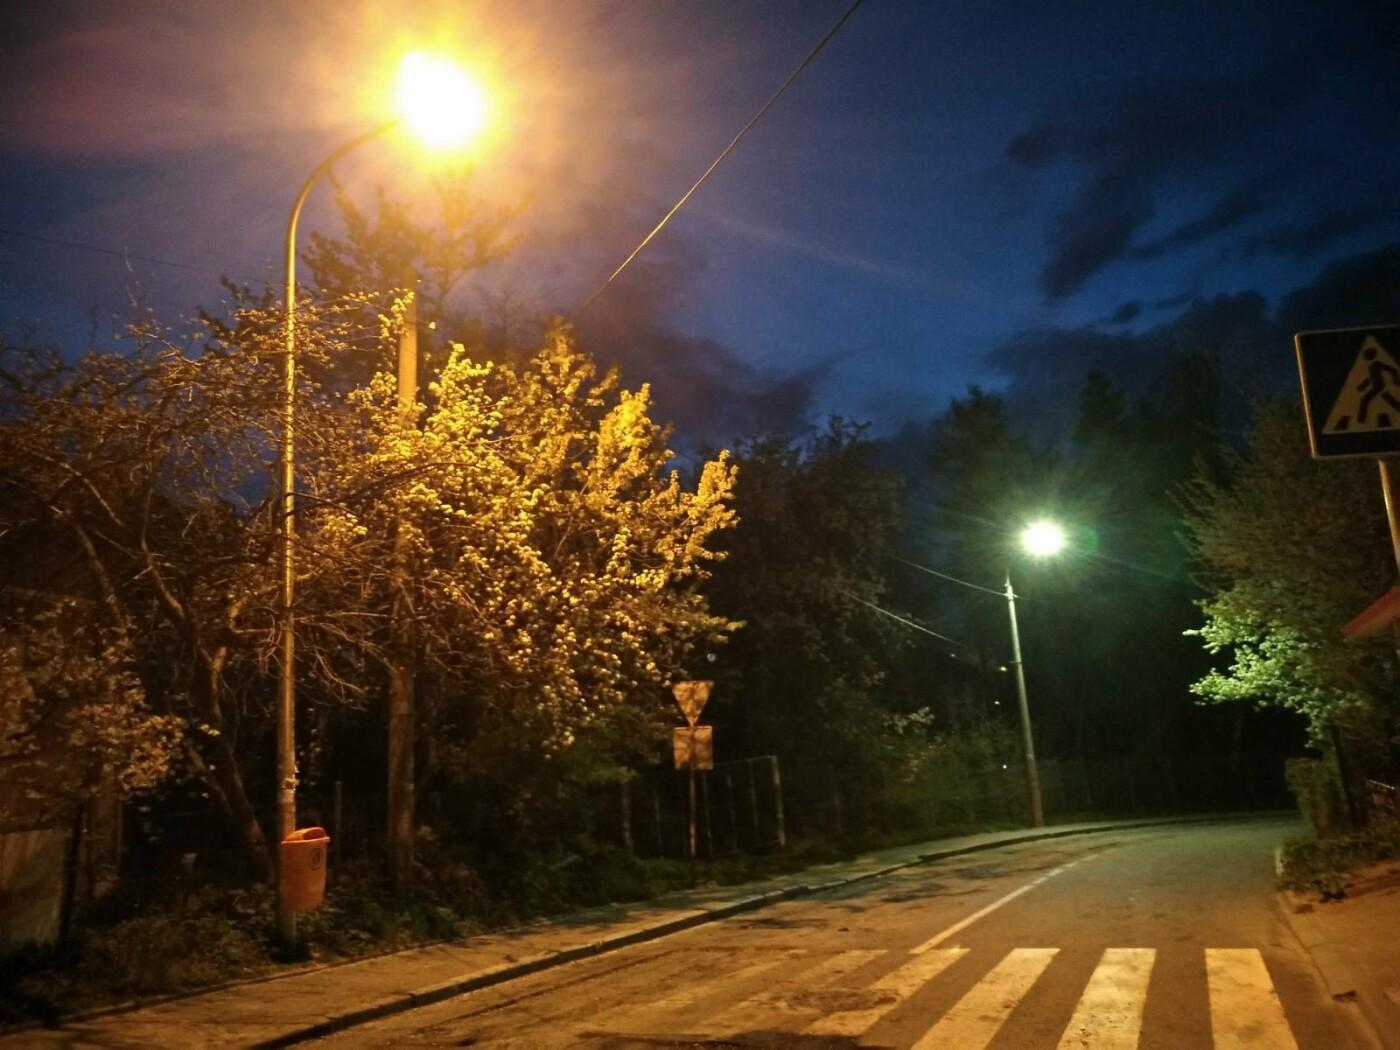 Дивовижний Трускавець: вечірній фотоогляд центральної частини міста-курорту, фото-13, Фото - 03247.com.ua